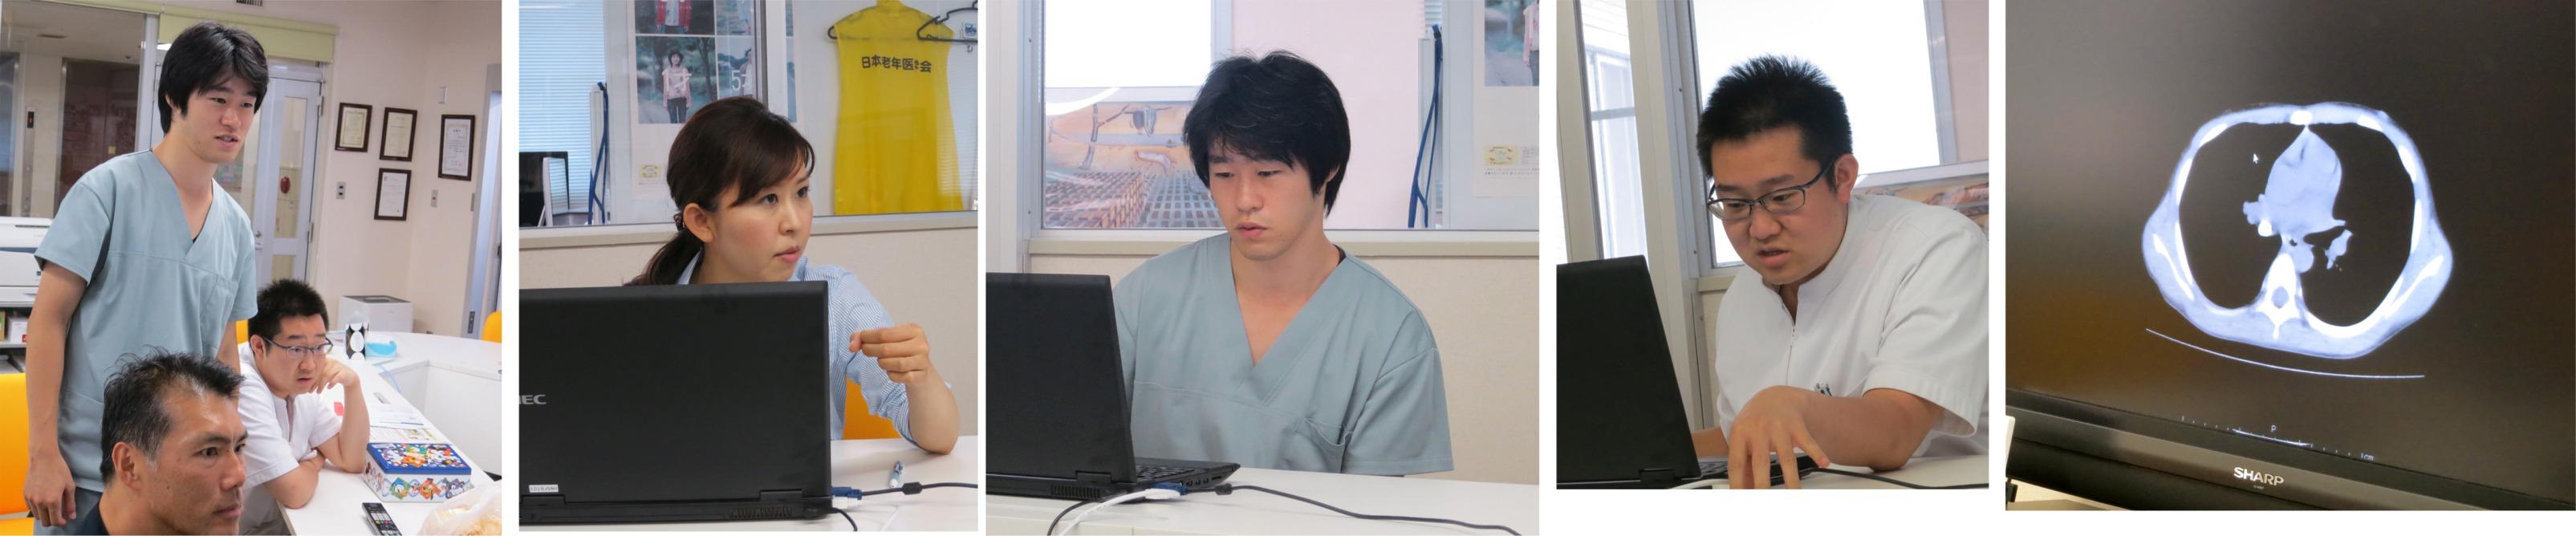 20140723入院症例検討会.jpg